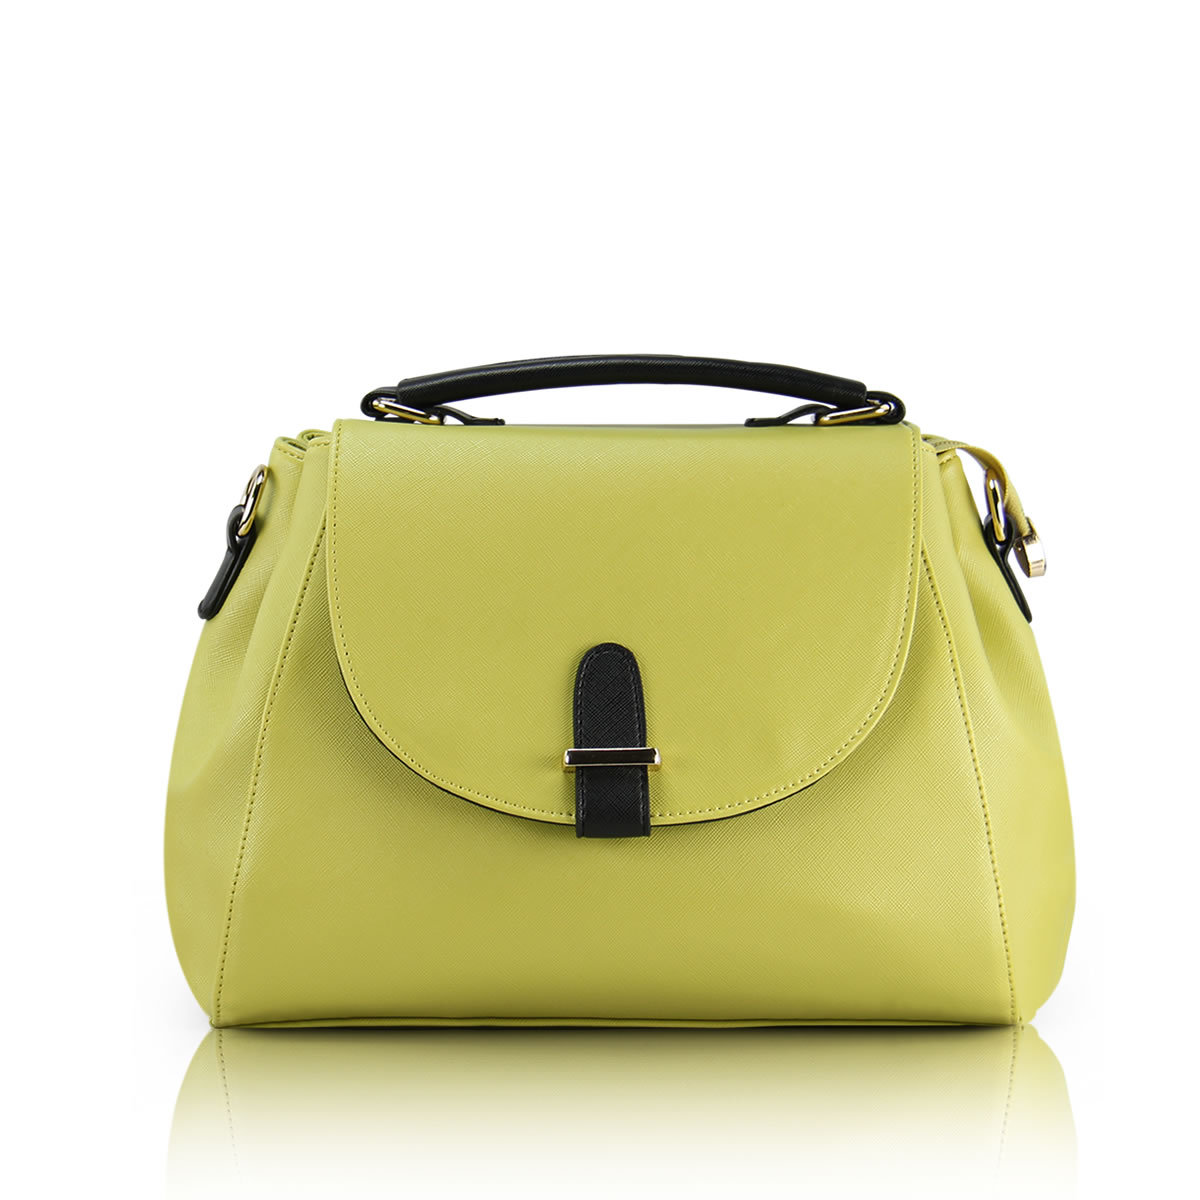 Green Designer Handbags Promotion-Shop for Promotional Green ...